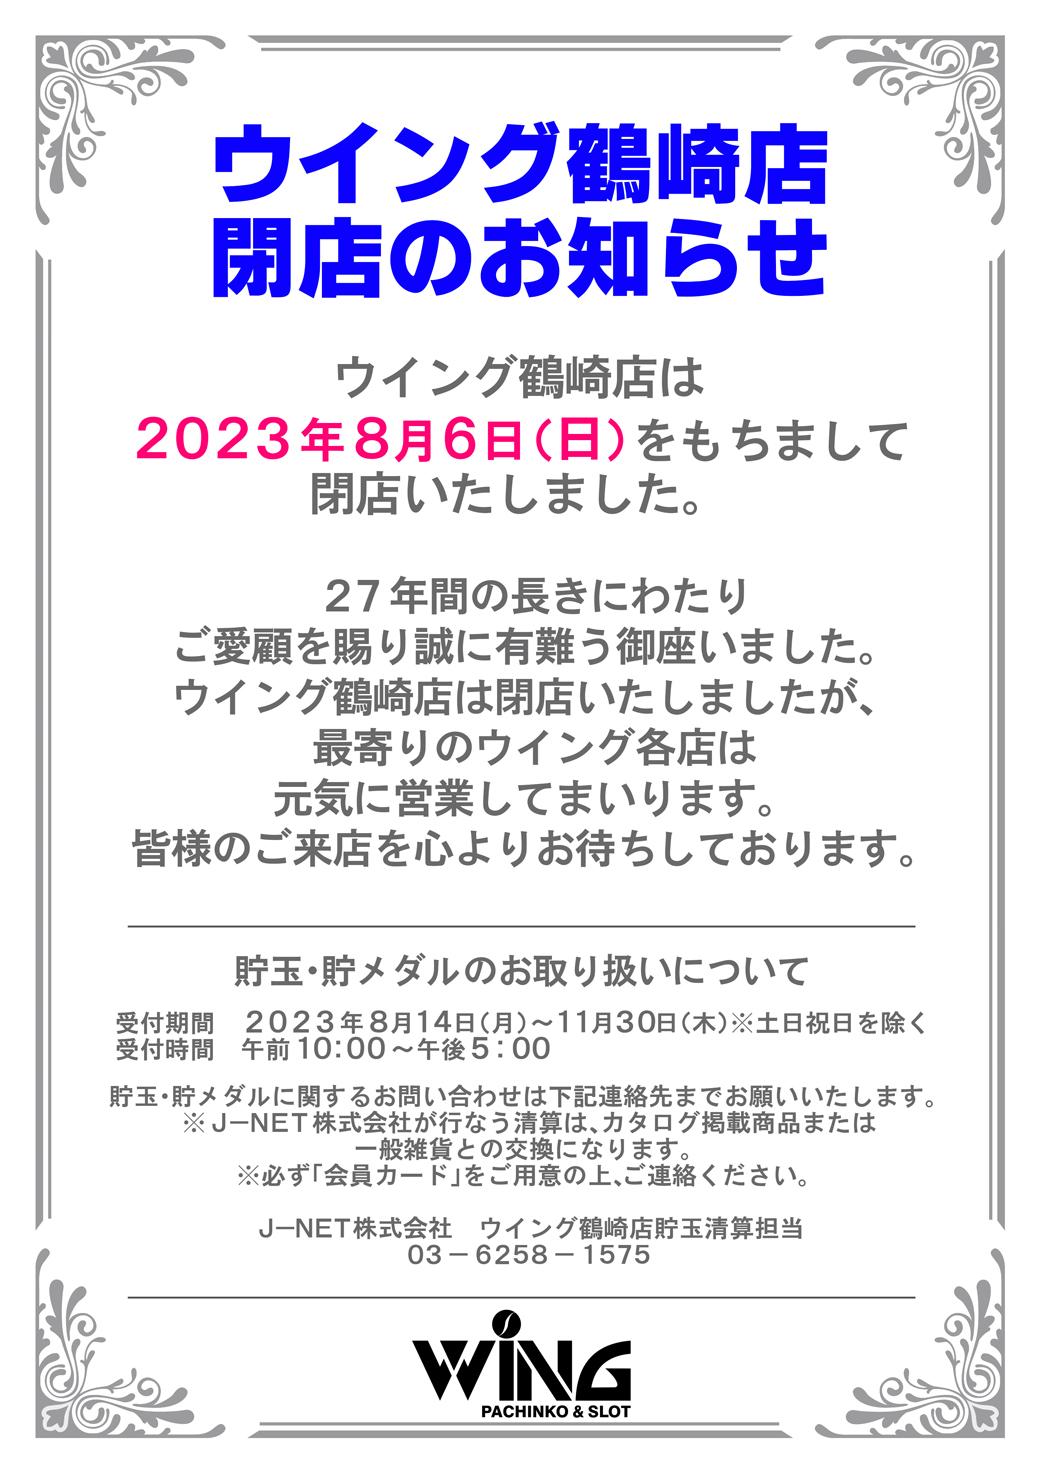 【ウイング鶴崎フロアーマップ】7/22〜